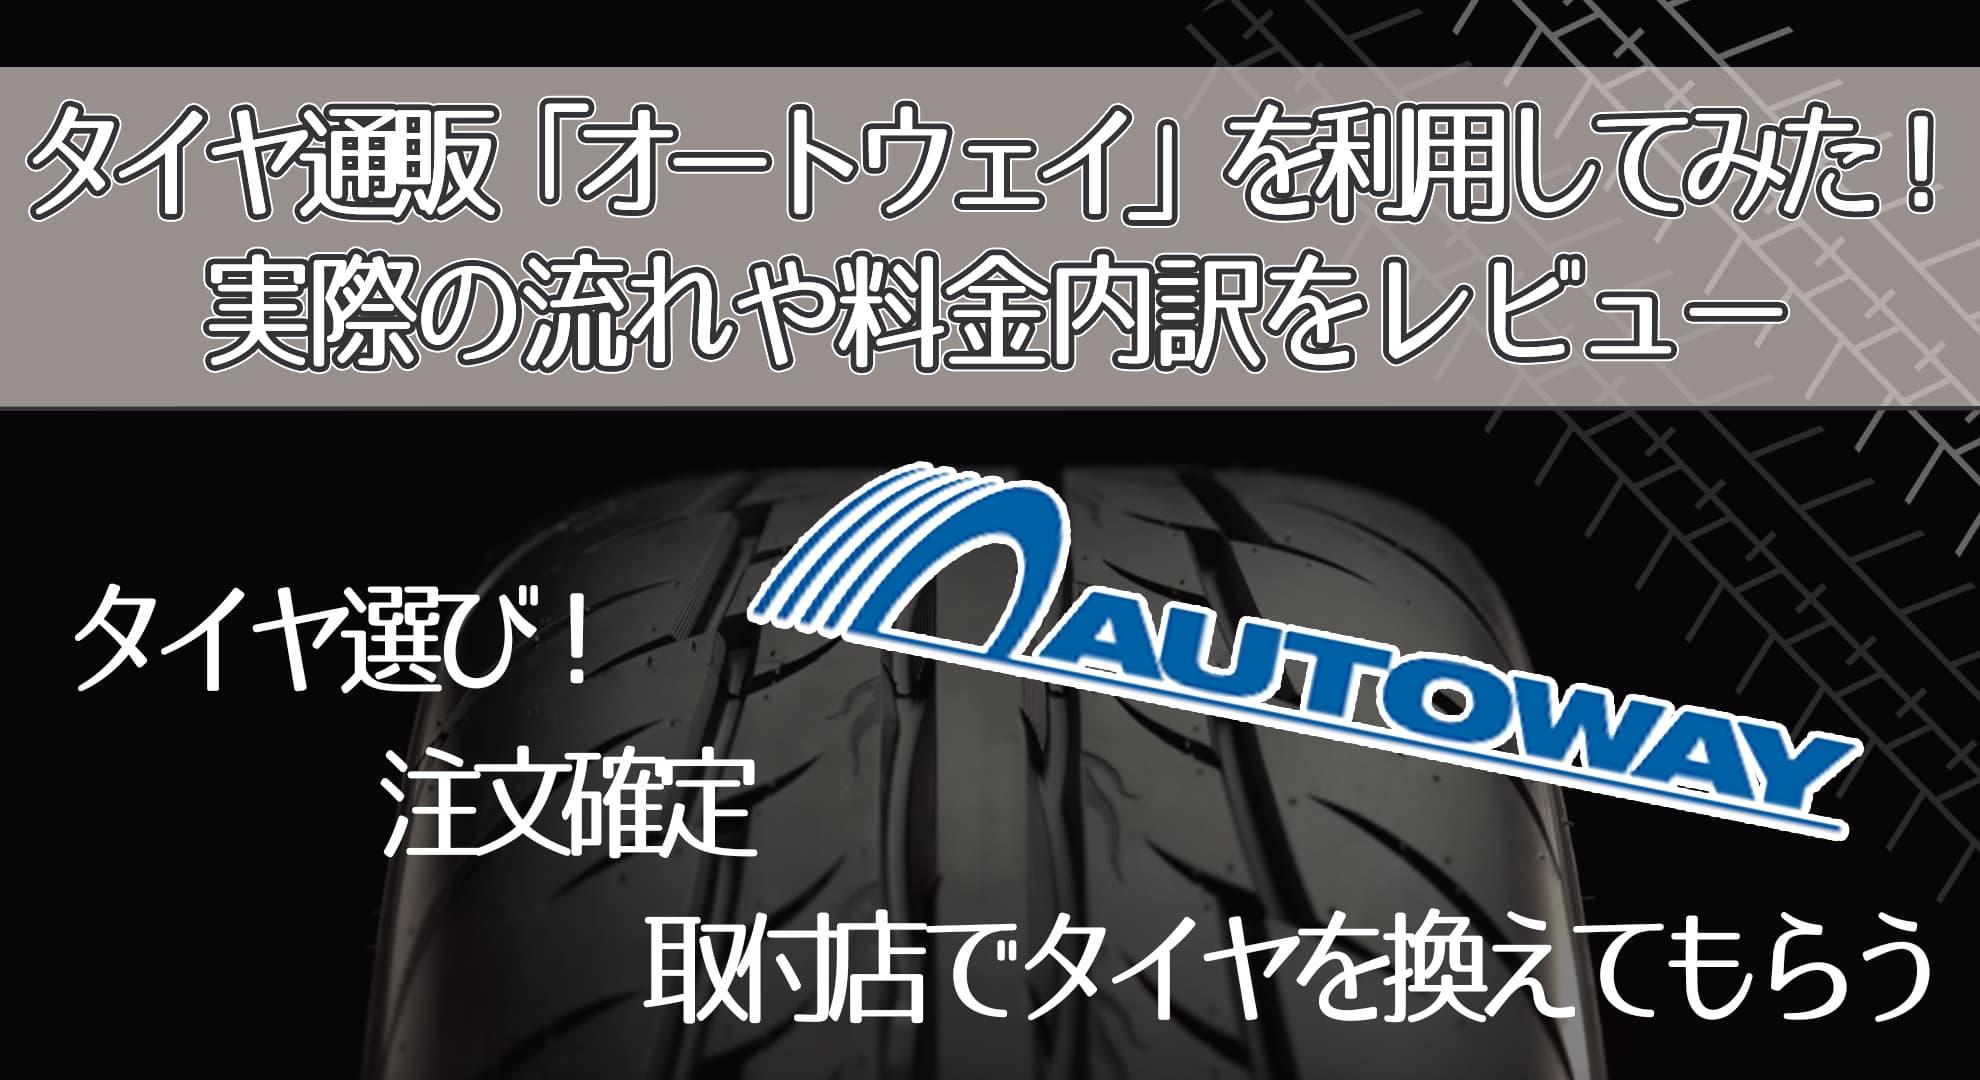 タイヤ通販サイト利用の流れや料金内訳をレビュー